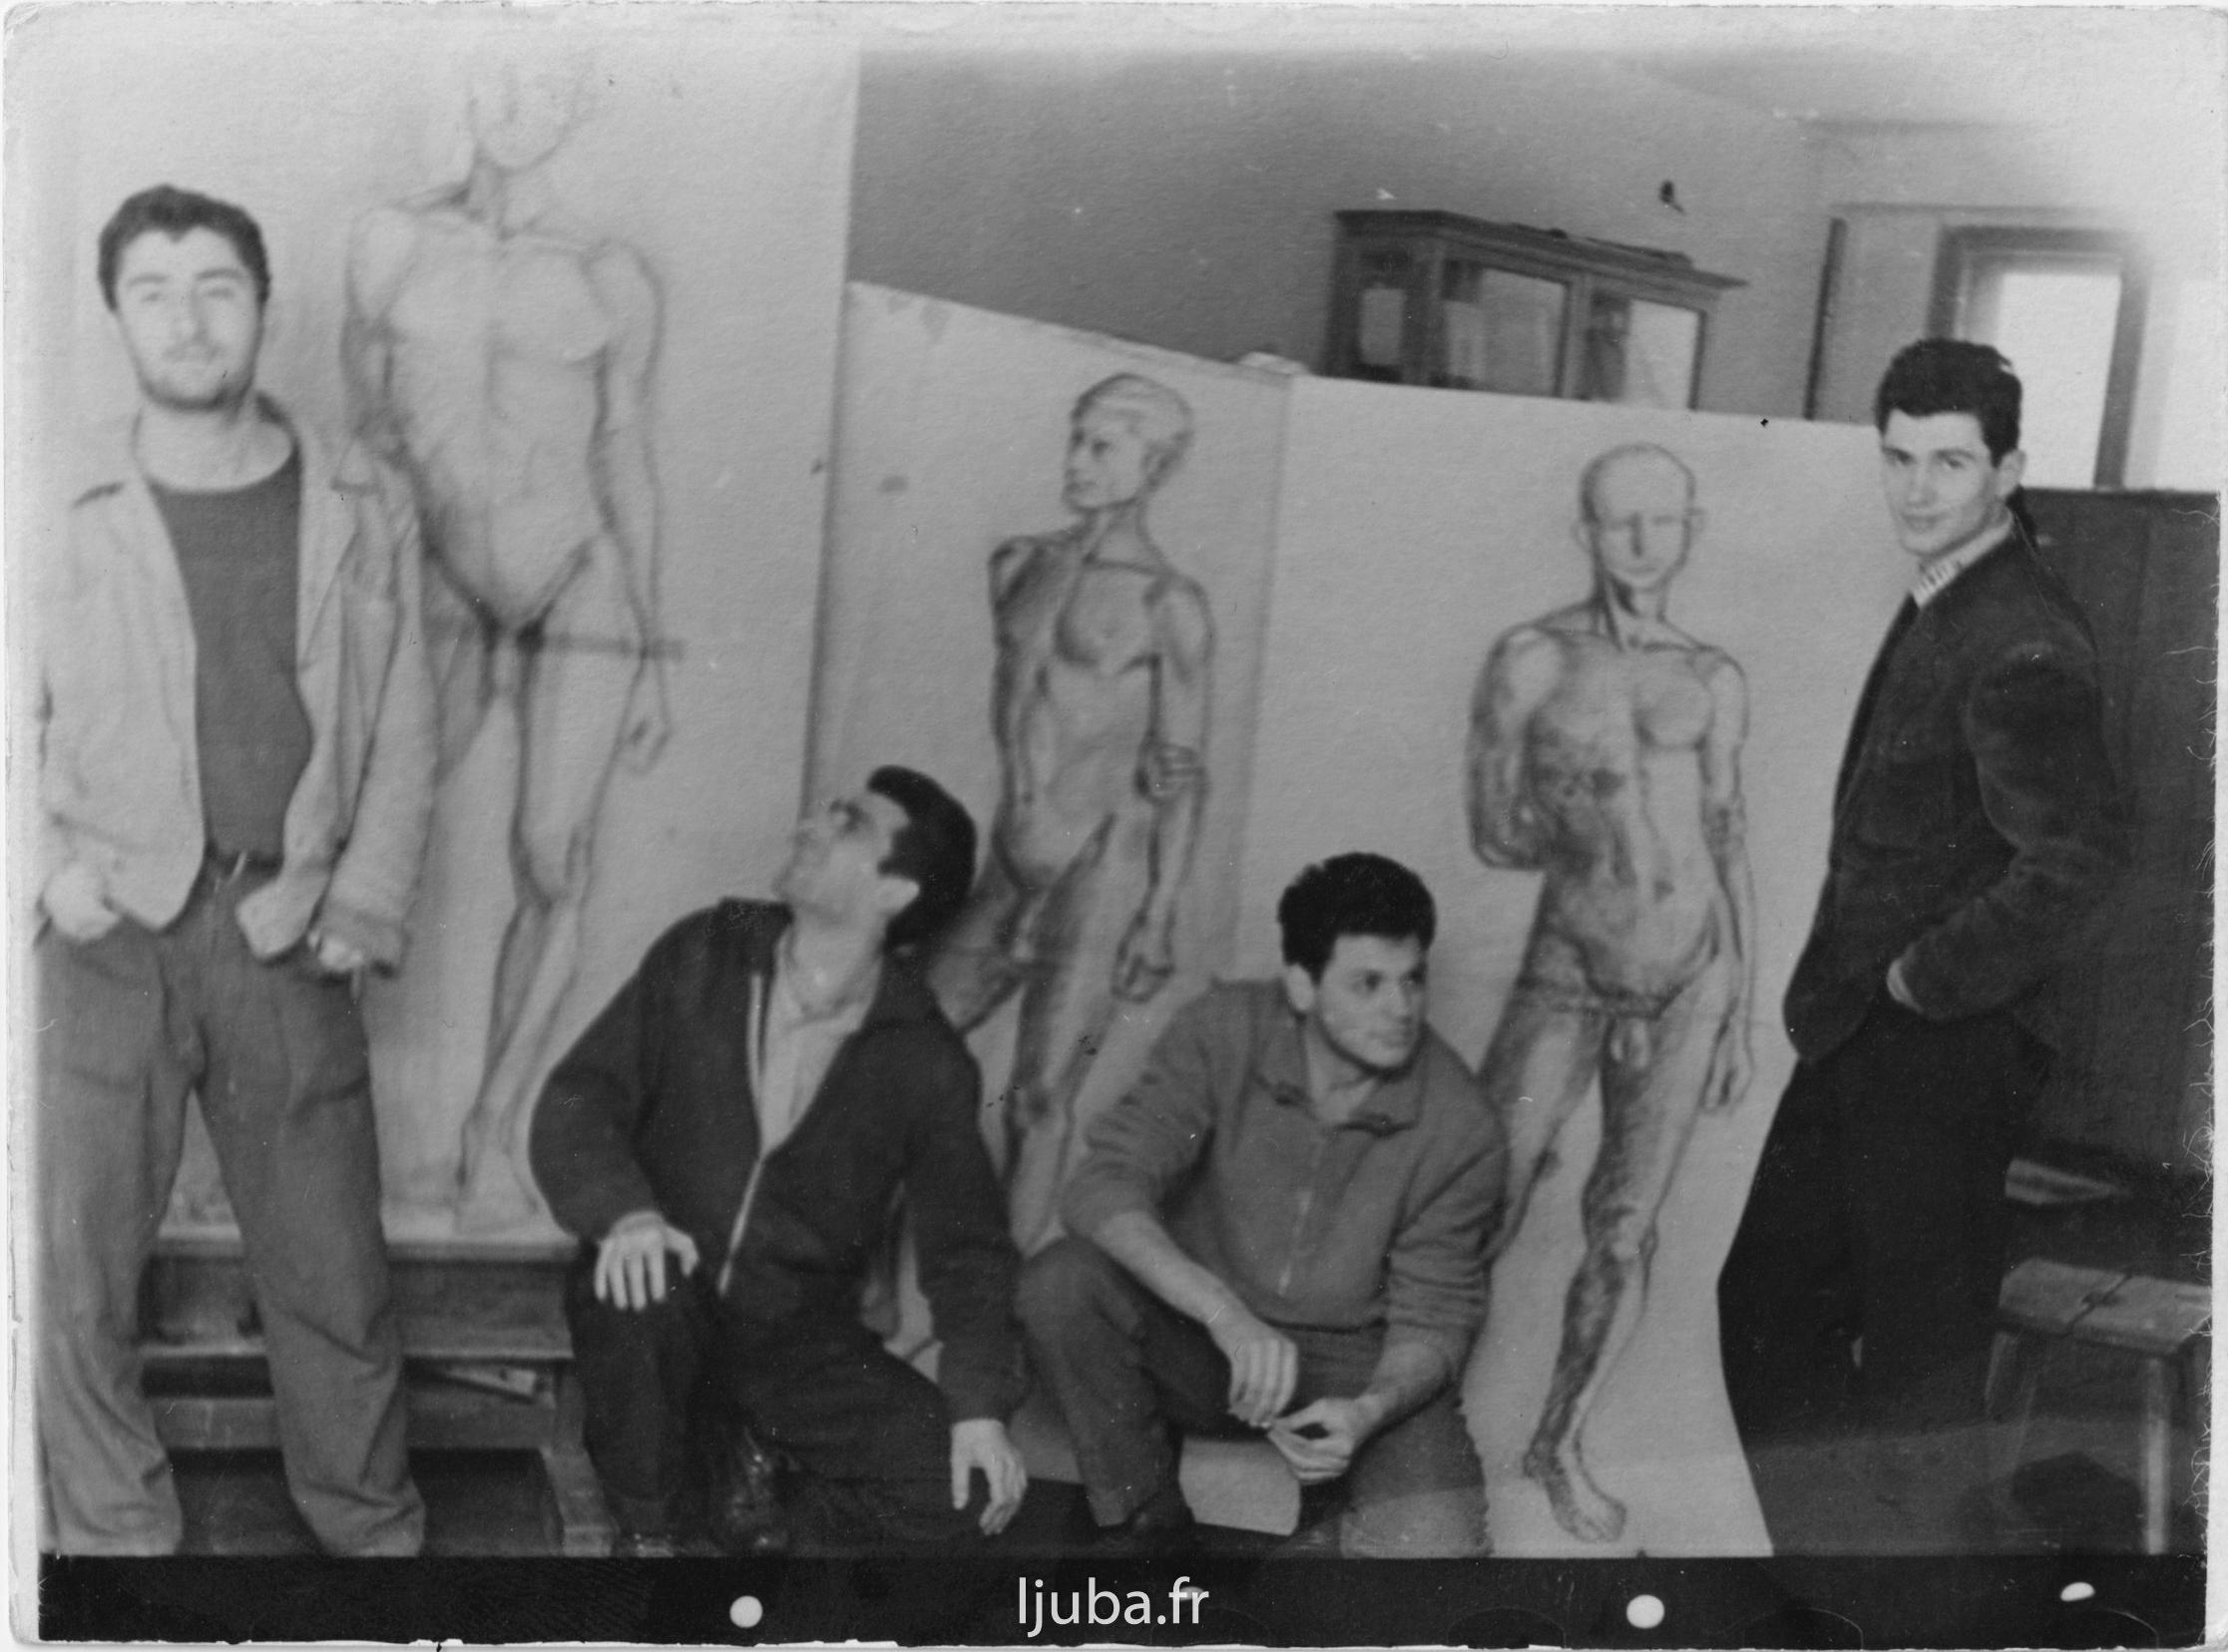 1955, Ljuba avec ses collégues_en